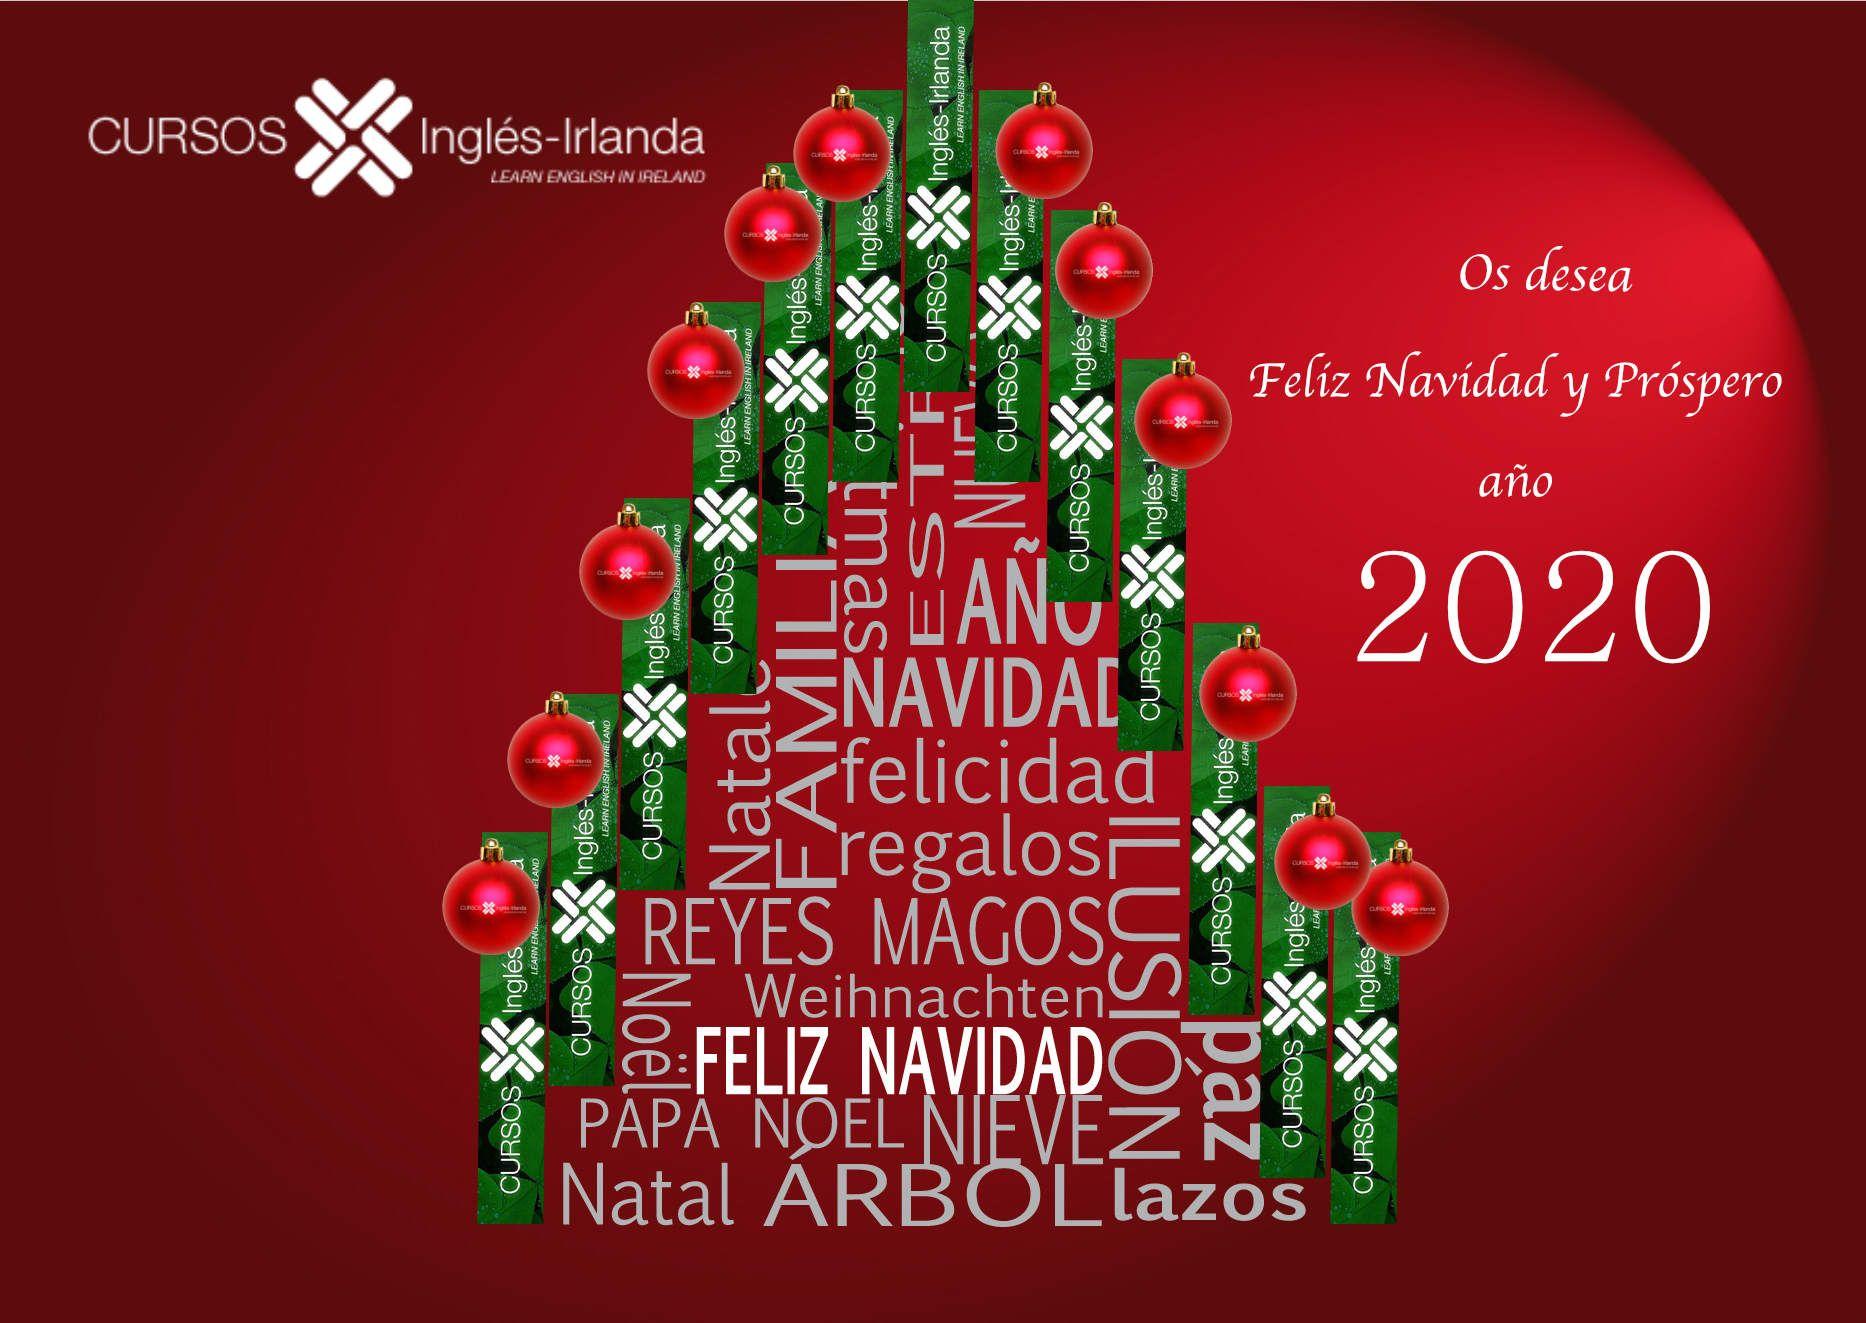 Feliz Navidad Y Próspero 2020 Feliz Navidad Navidad Imágenes De Navidad